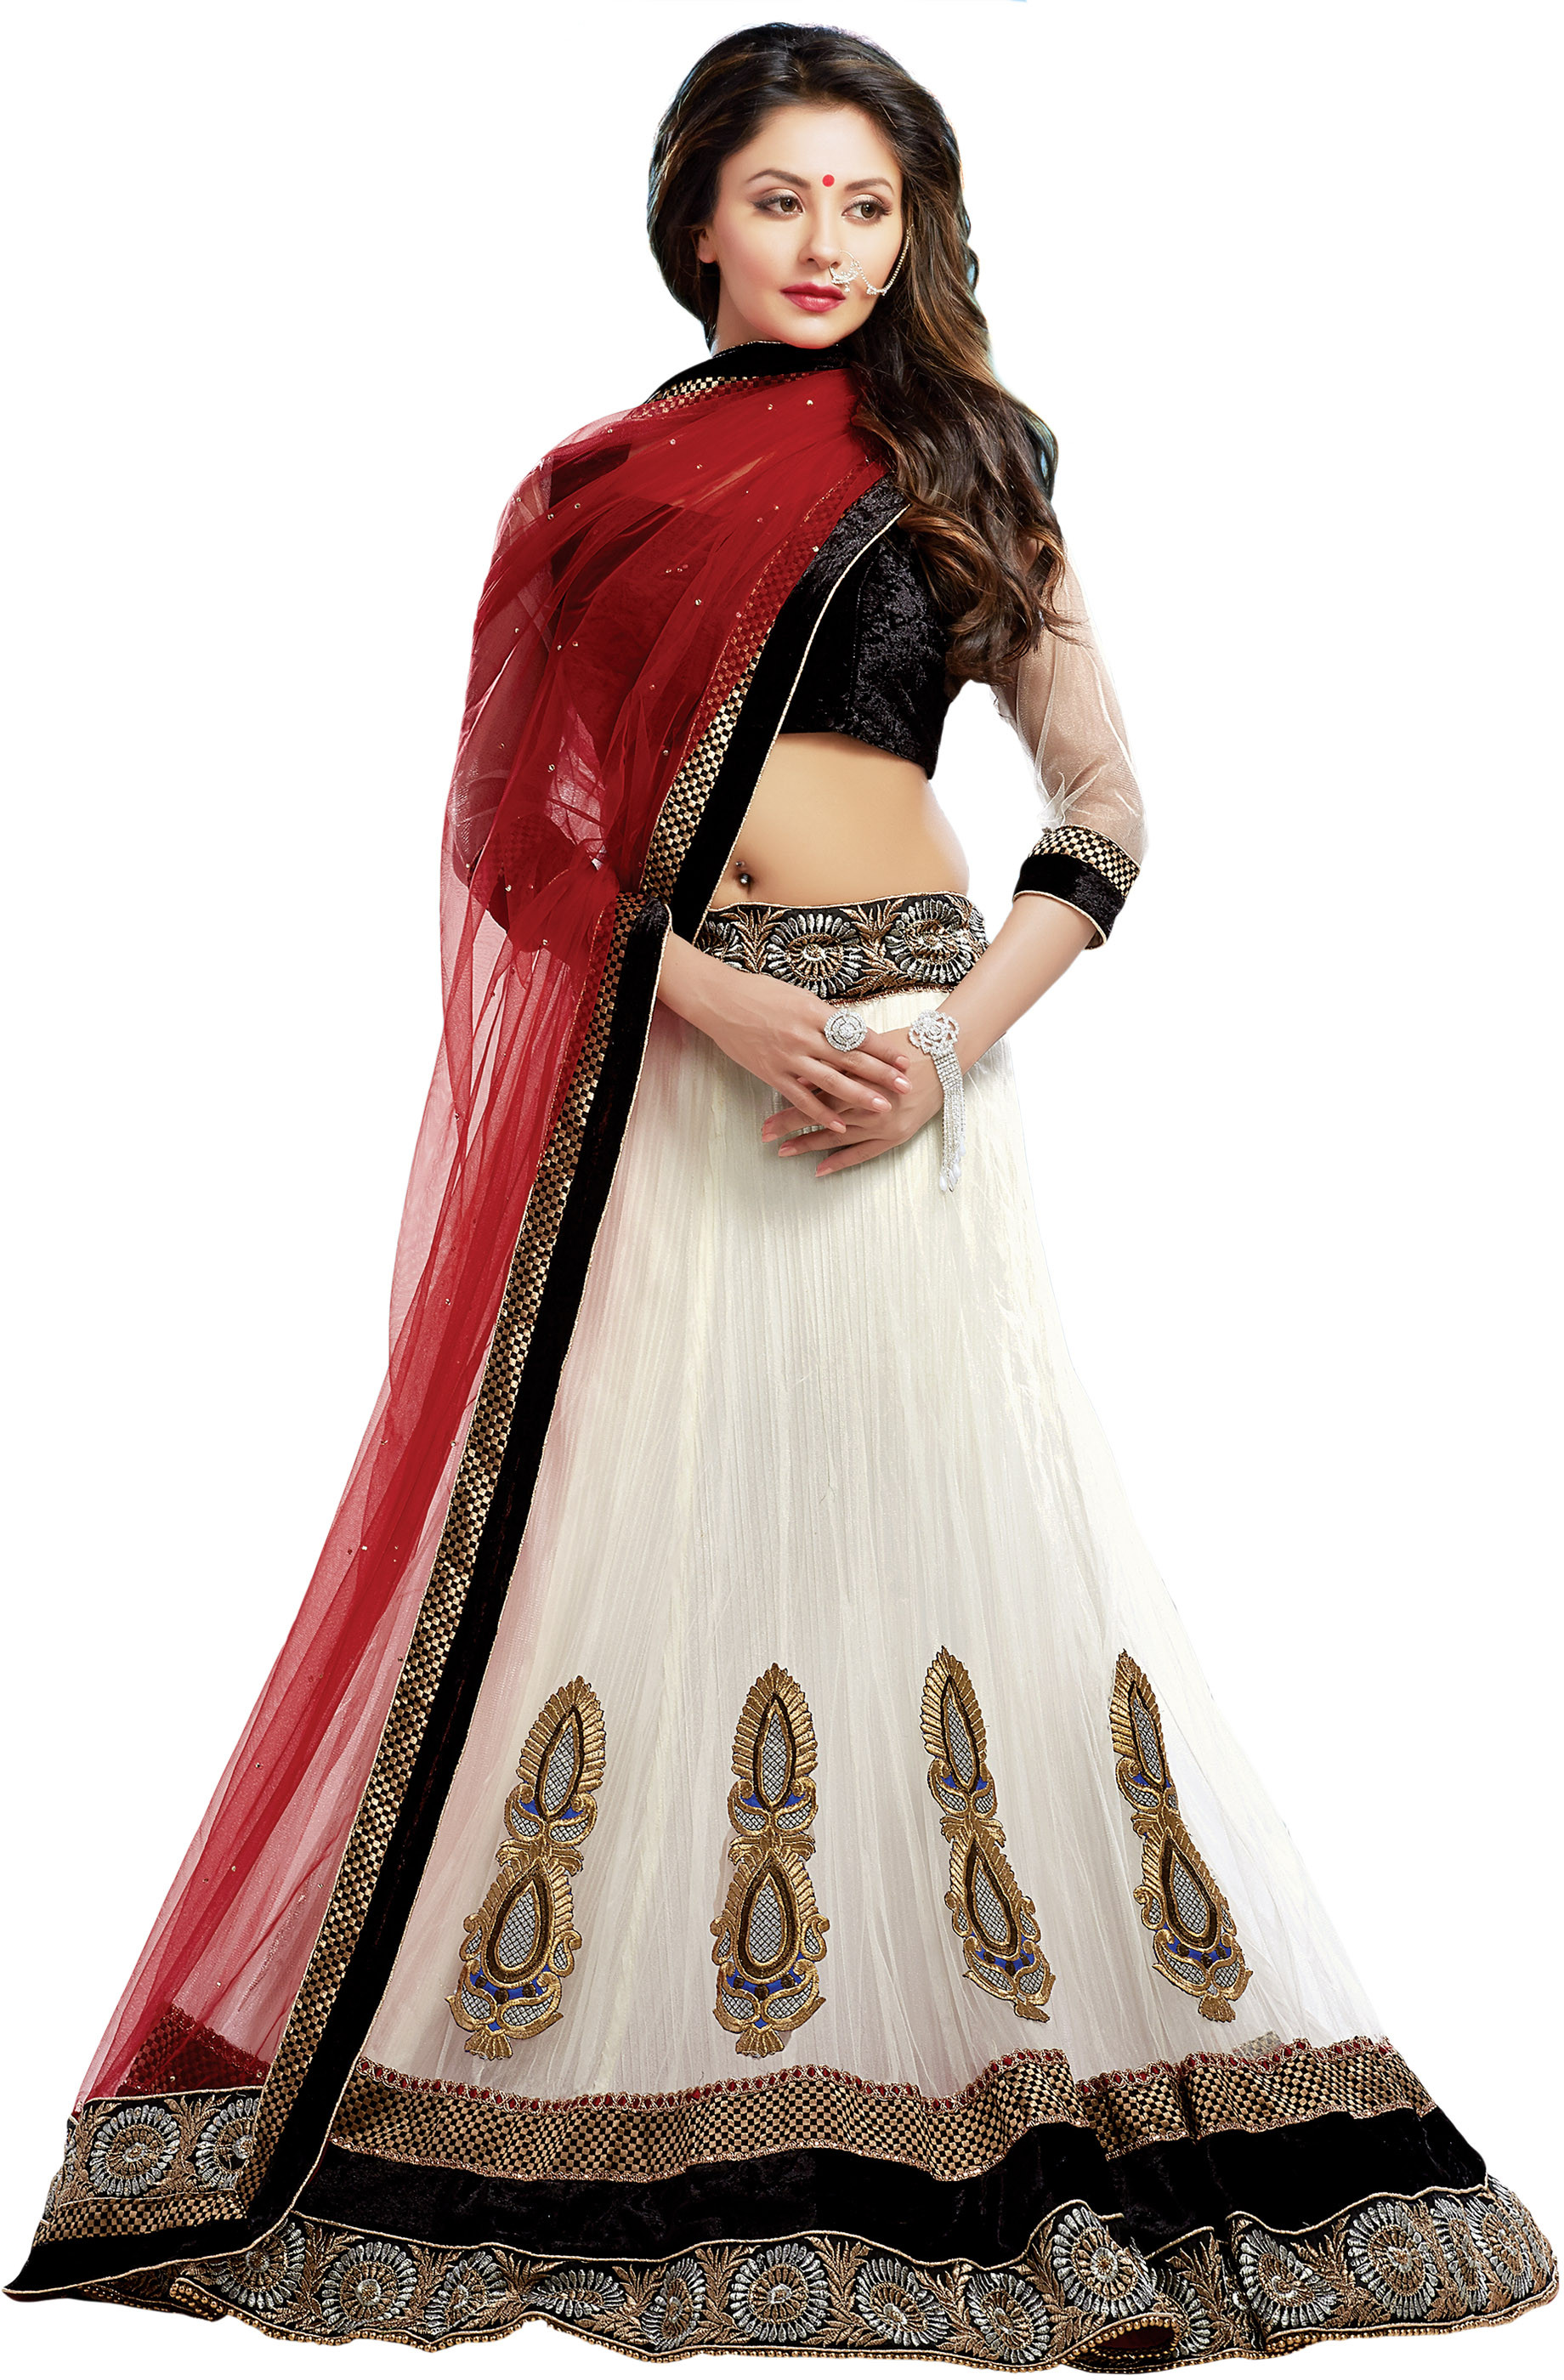 Radhe Solid Womenu0026#39;s Lehenga Choli - Buy White Radhe Solid ...